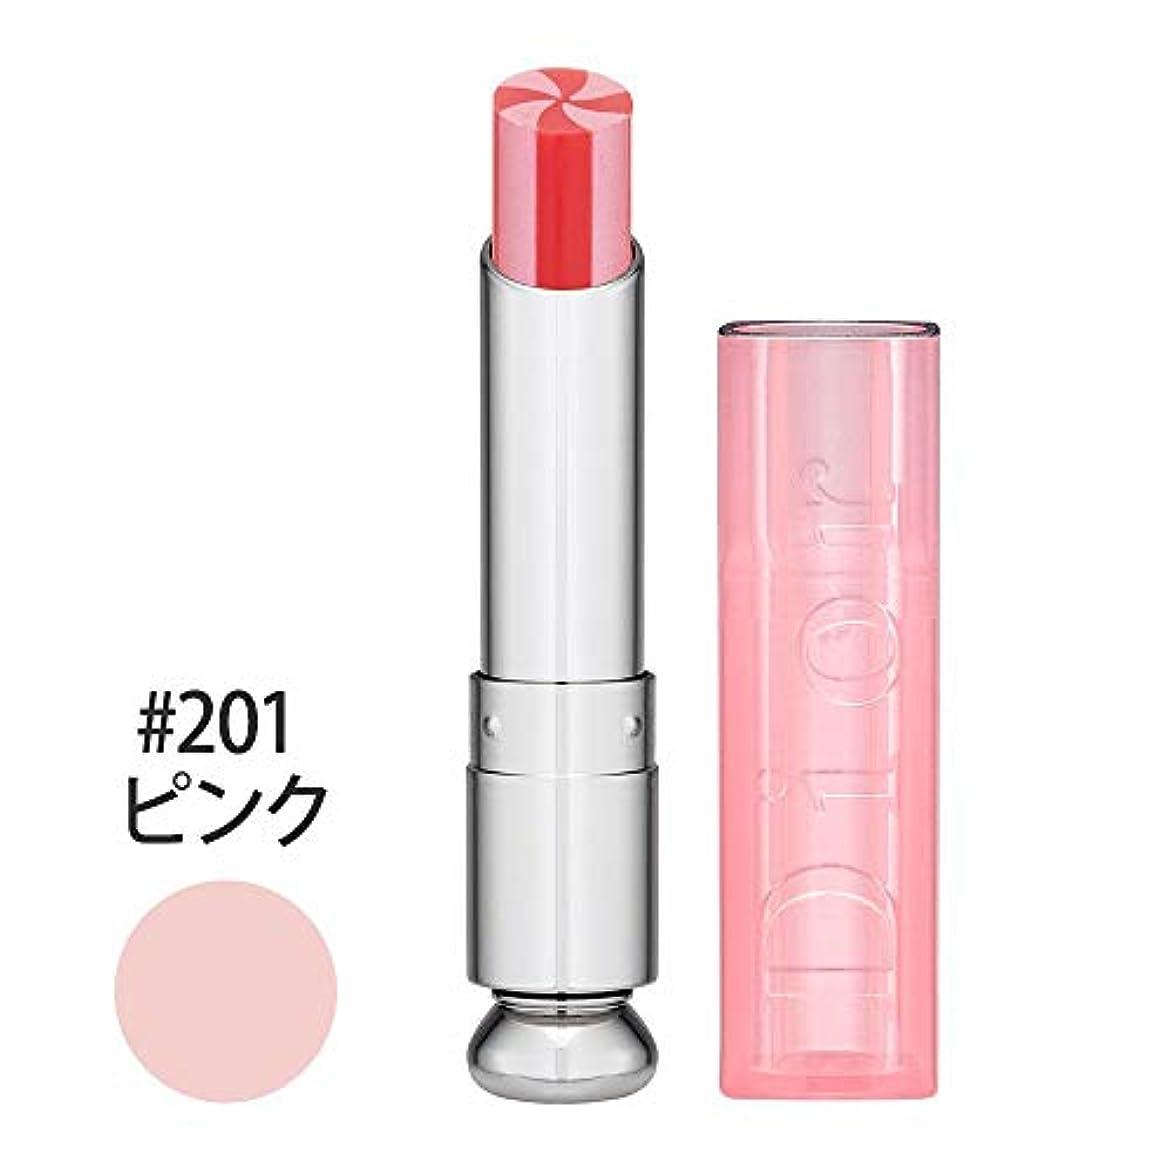 首謀者背骨入手しますクリスチャンディオール Dior Addict Lip Glow To The Max - # 201 Pink 3.5g/0.12oz並行輸入品 [並行輸入品]